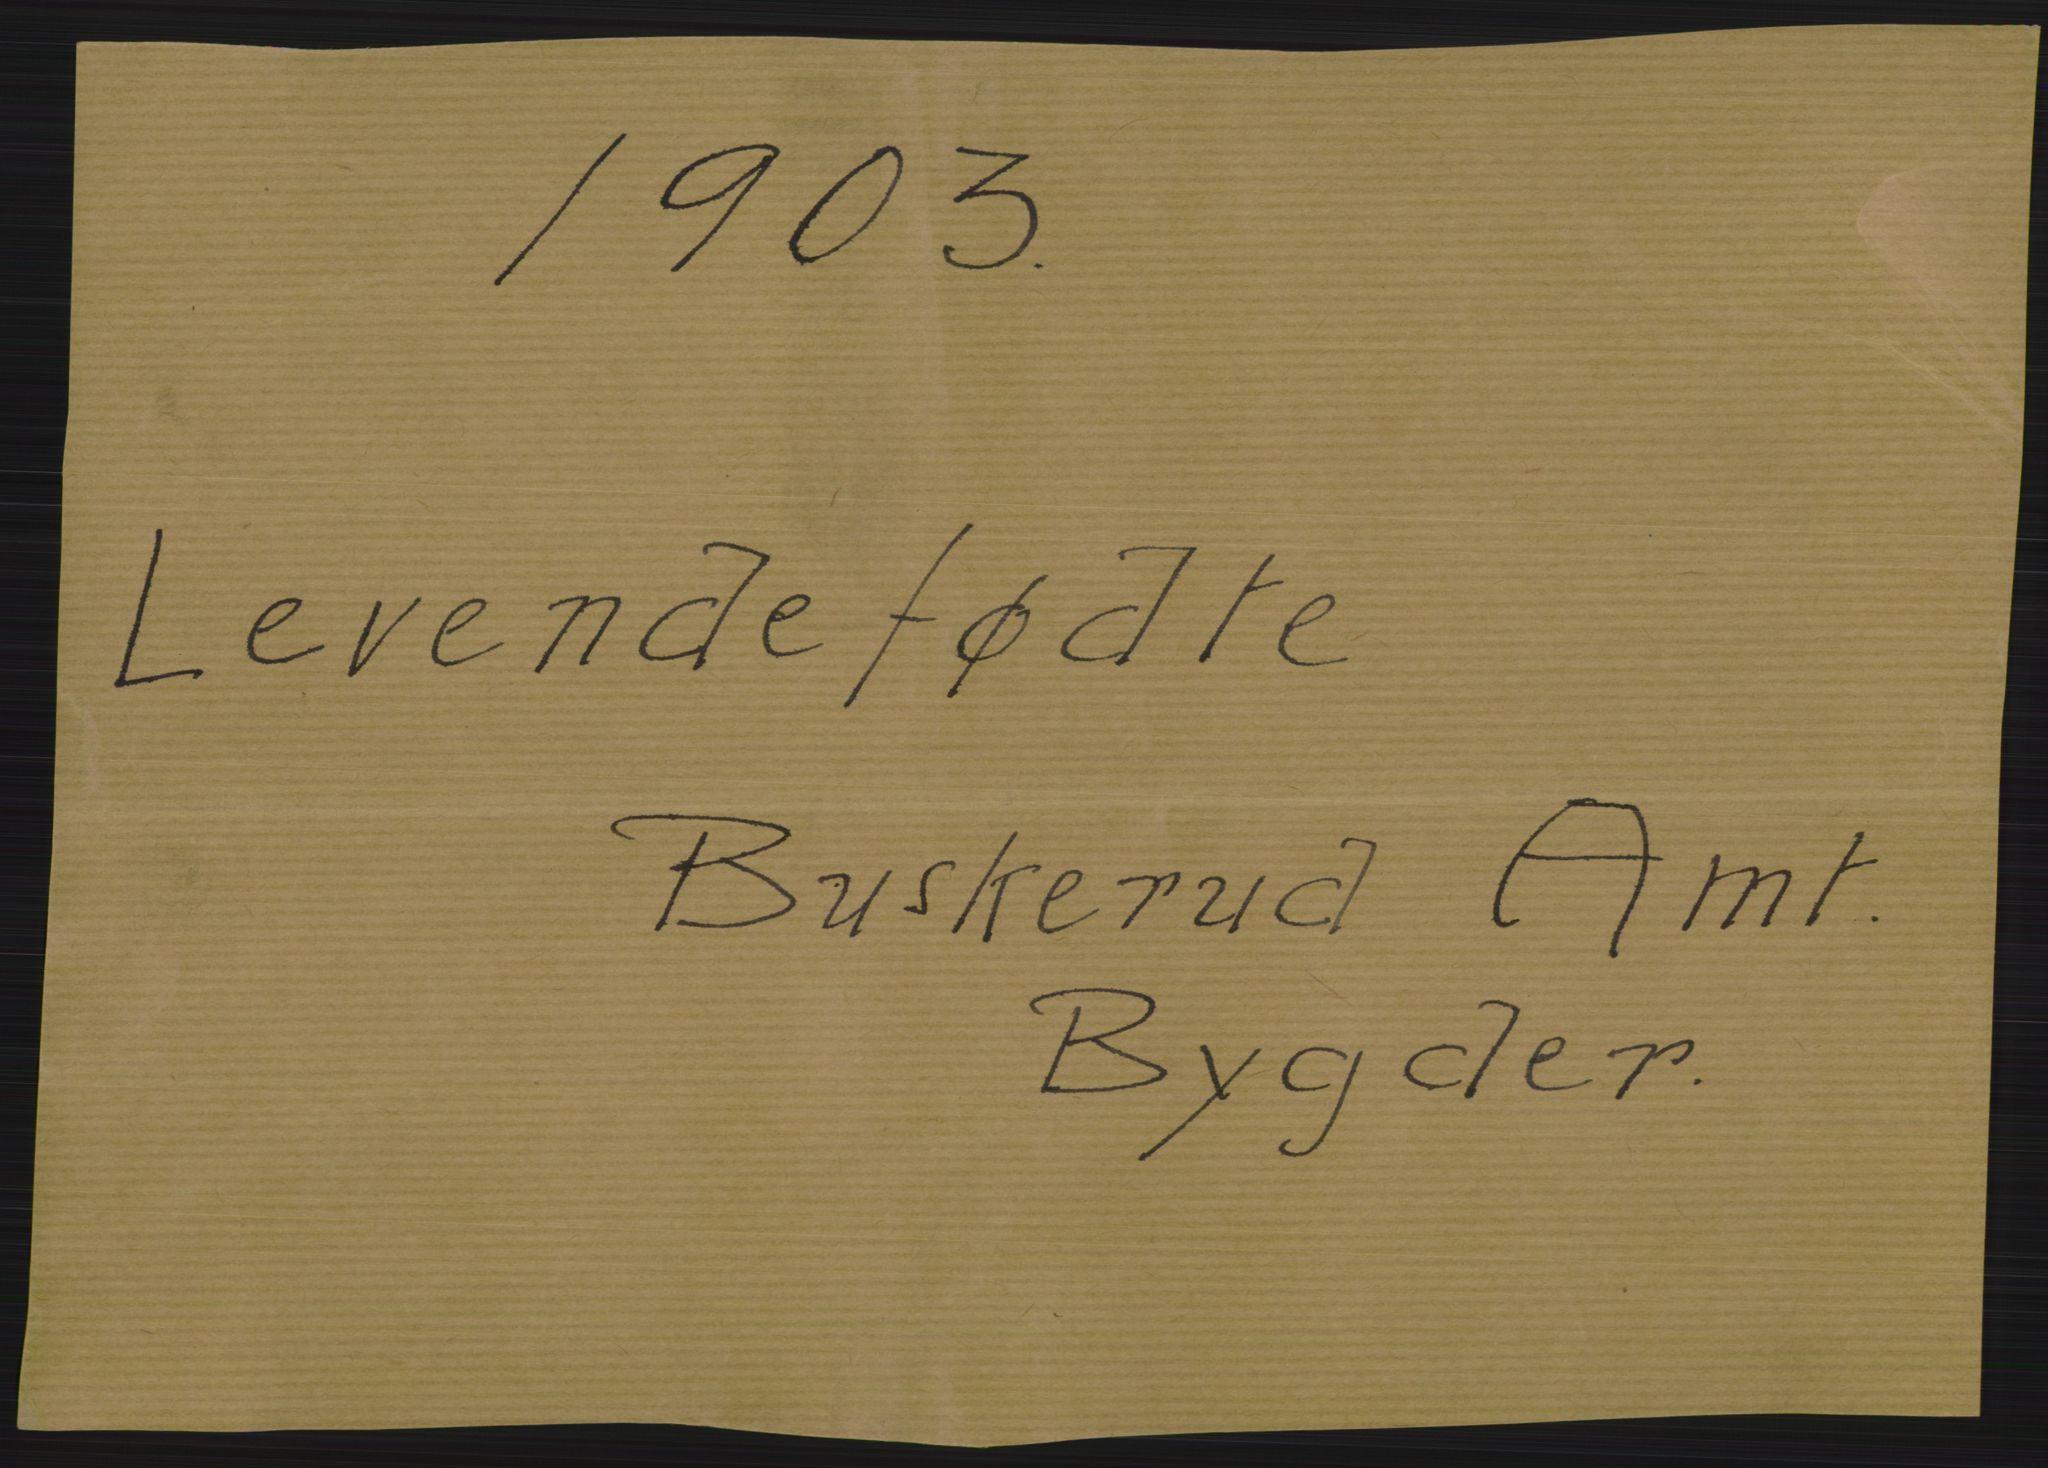 RA, Statistisk sentralbyrå, Sosiodemografiske emner, Befolkning, D/Df/Dfa/Dfaa/L0007: Buskeruds amt: Fødte, gifte, døde, 1903